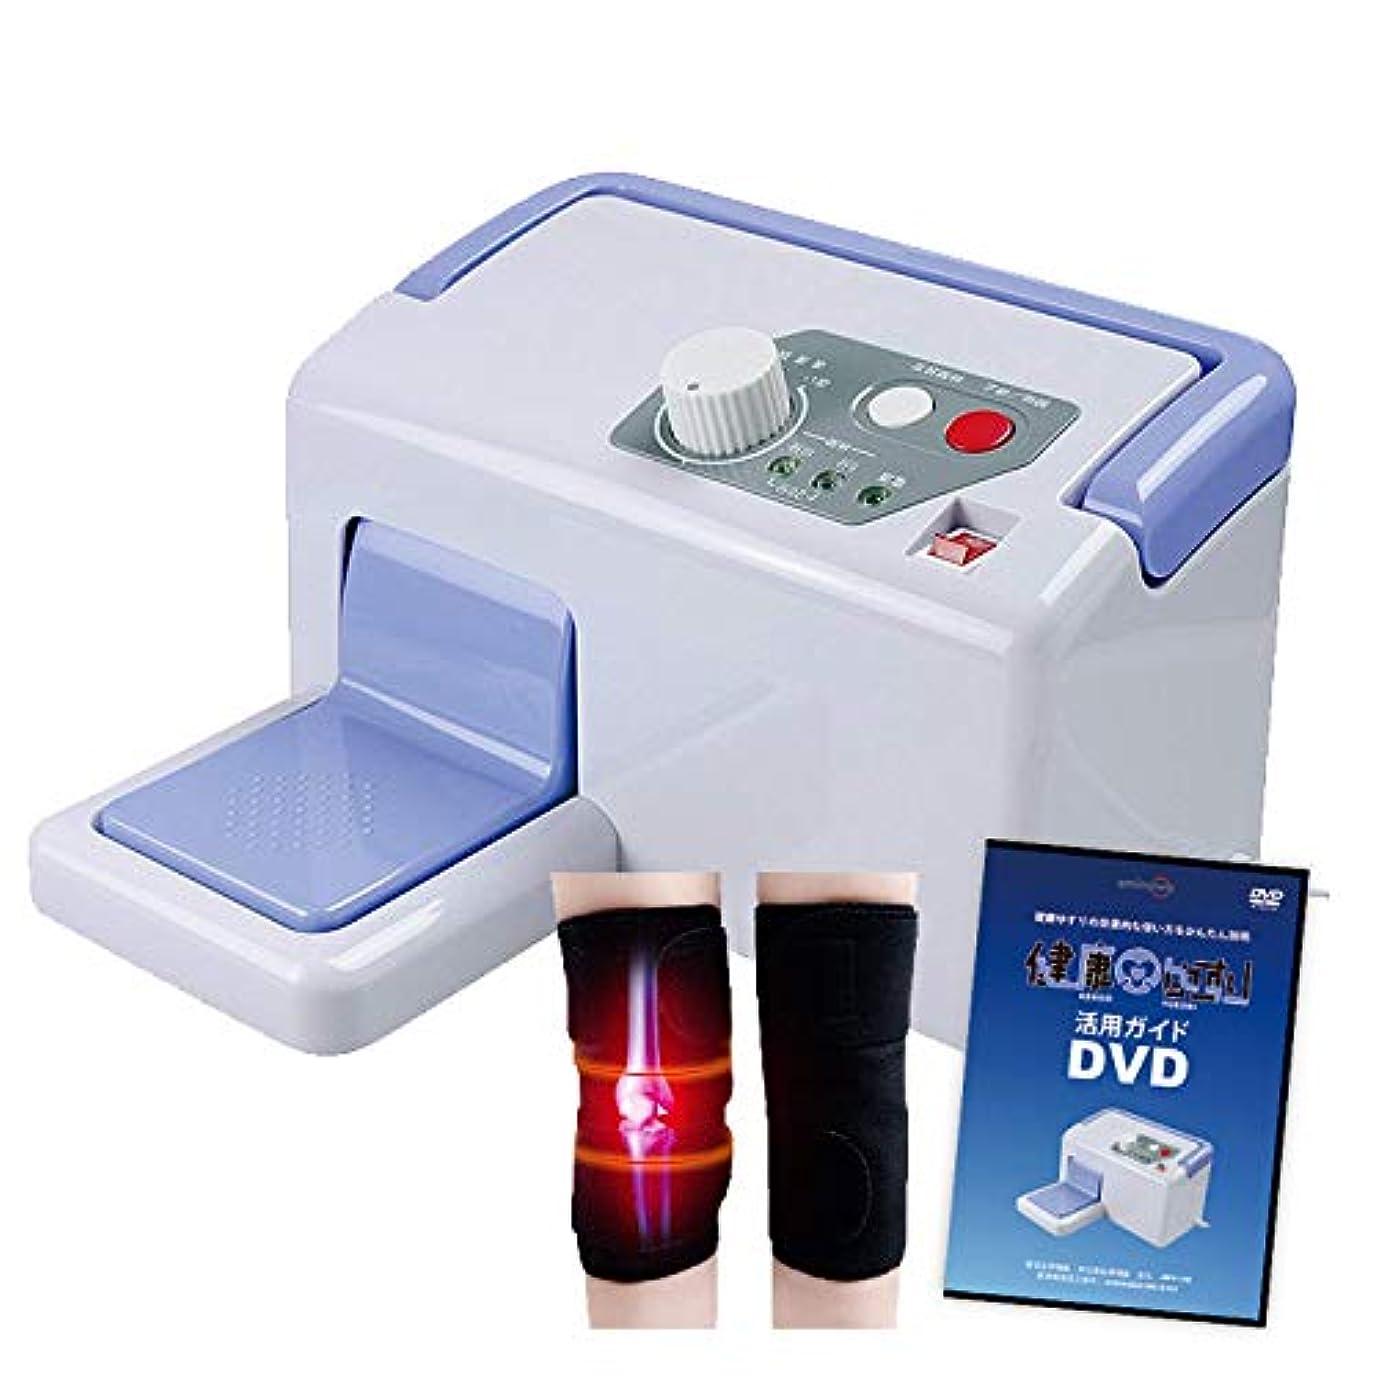 リンク希望に満ちたプランター健康ゆすり JMH-100「活用ガイド」DVD特典付き 膝関節サポーター特典付き 1年間保証書 使用ガイド 5点セット